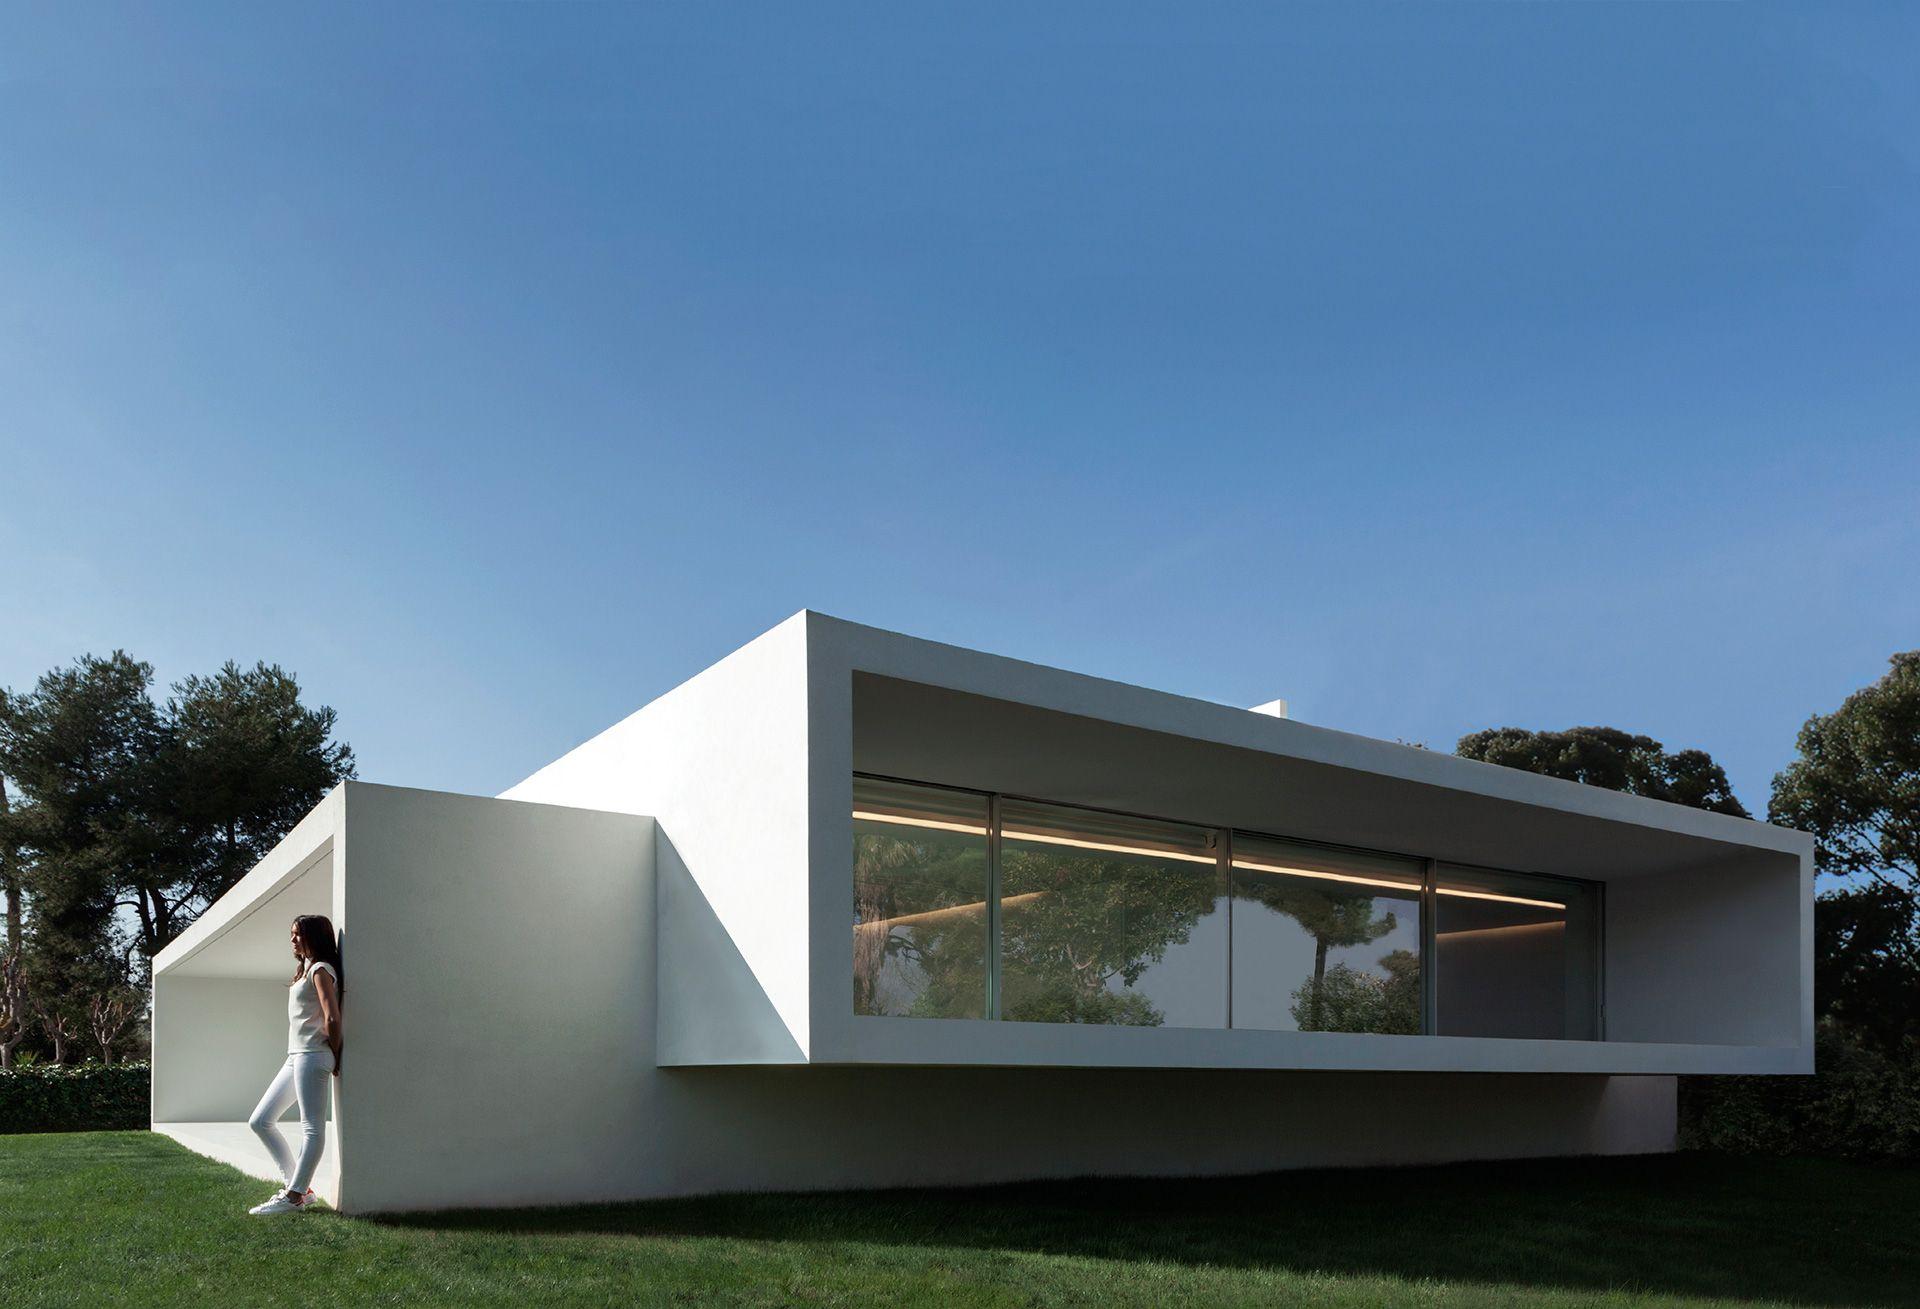 Fran silvestre arquitectos casa de la brisa house for Casa minimalista arquitectura